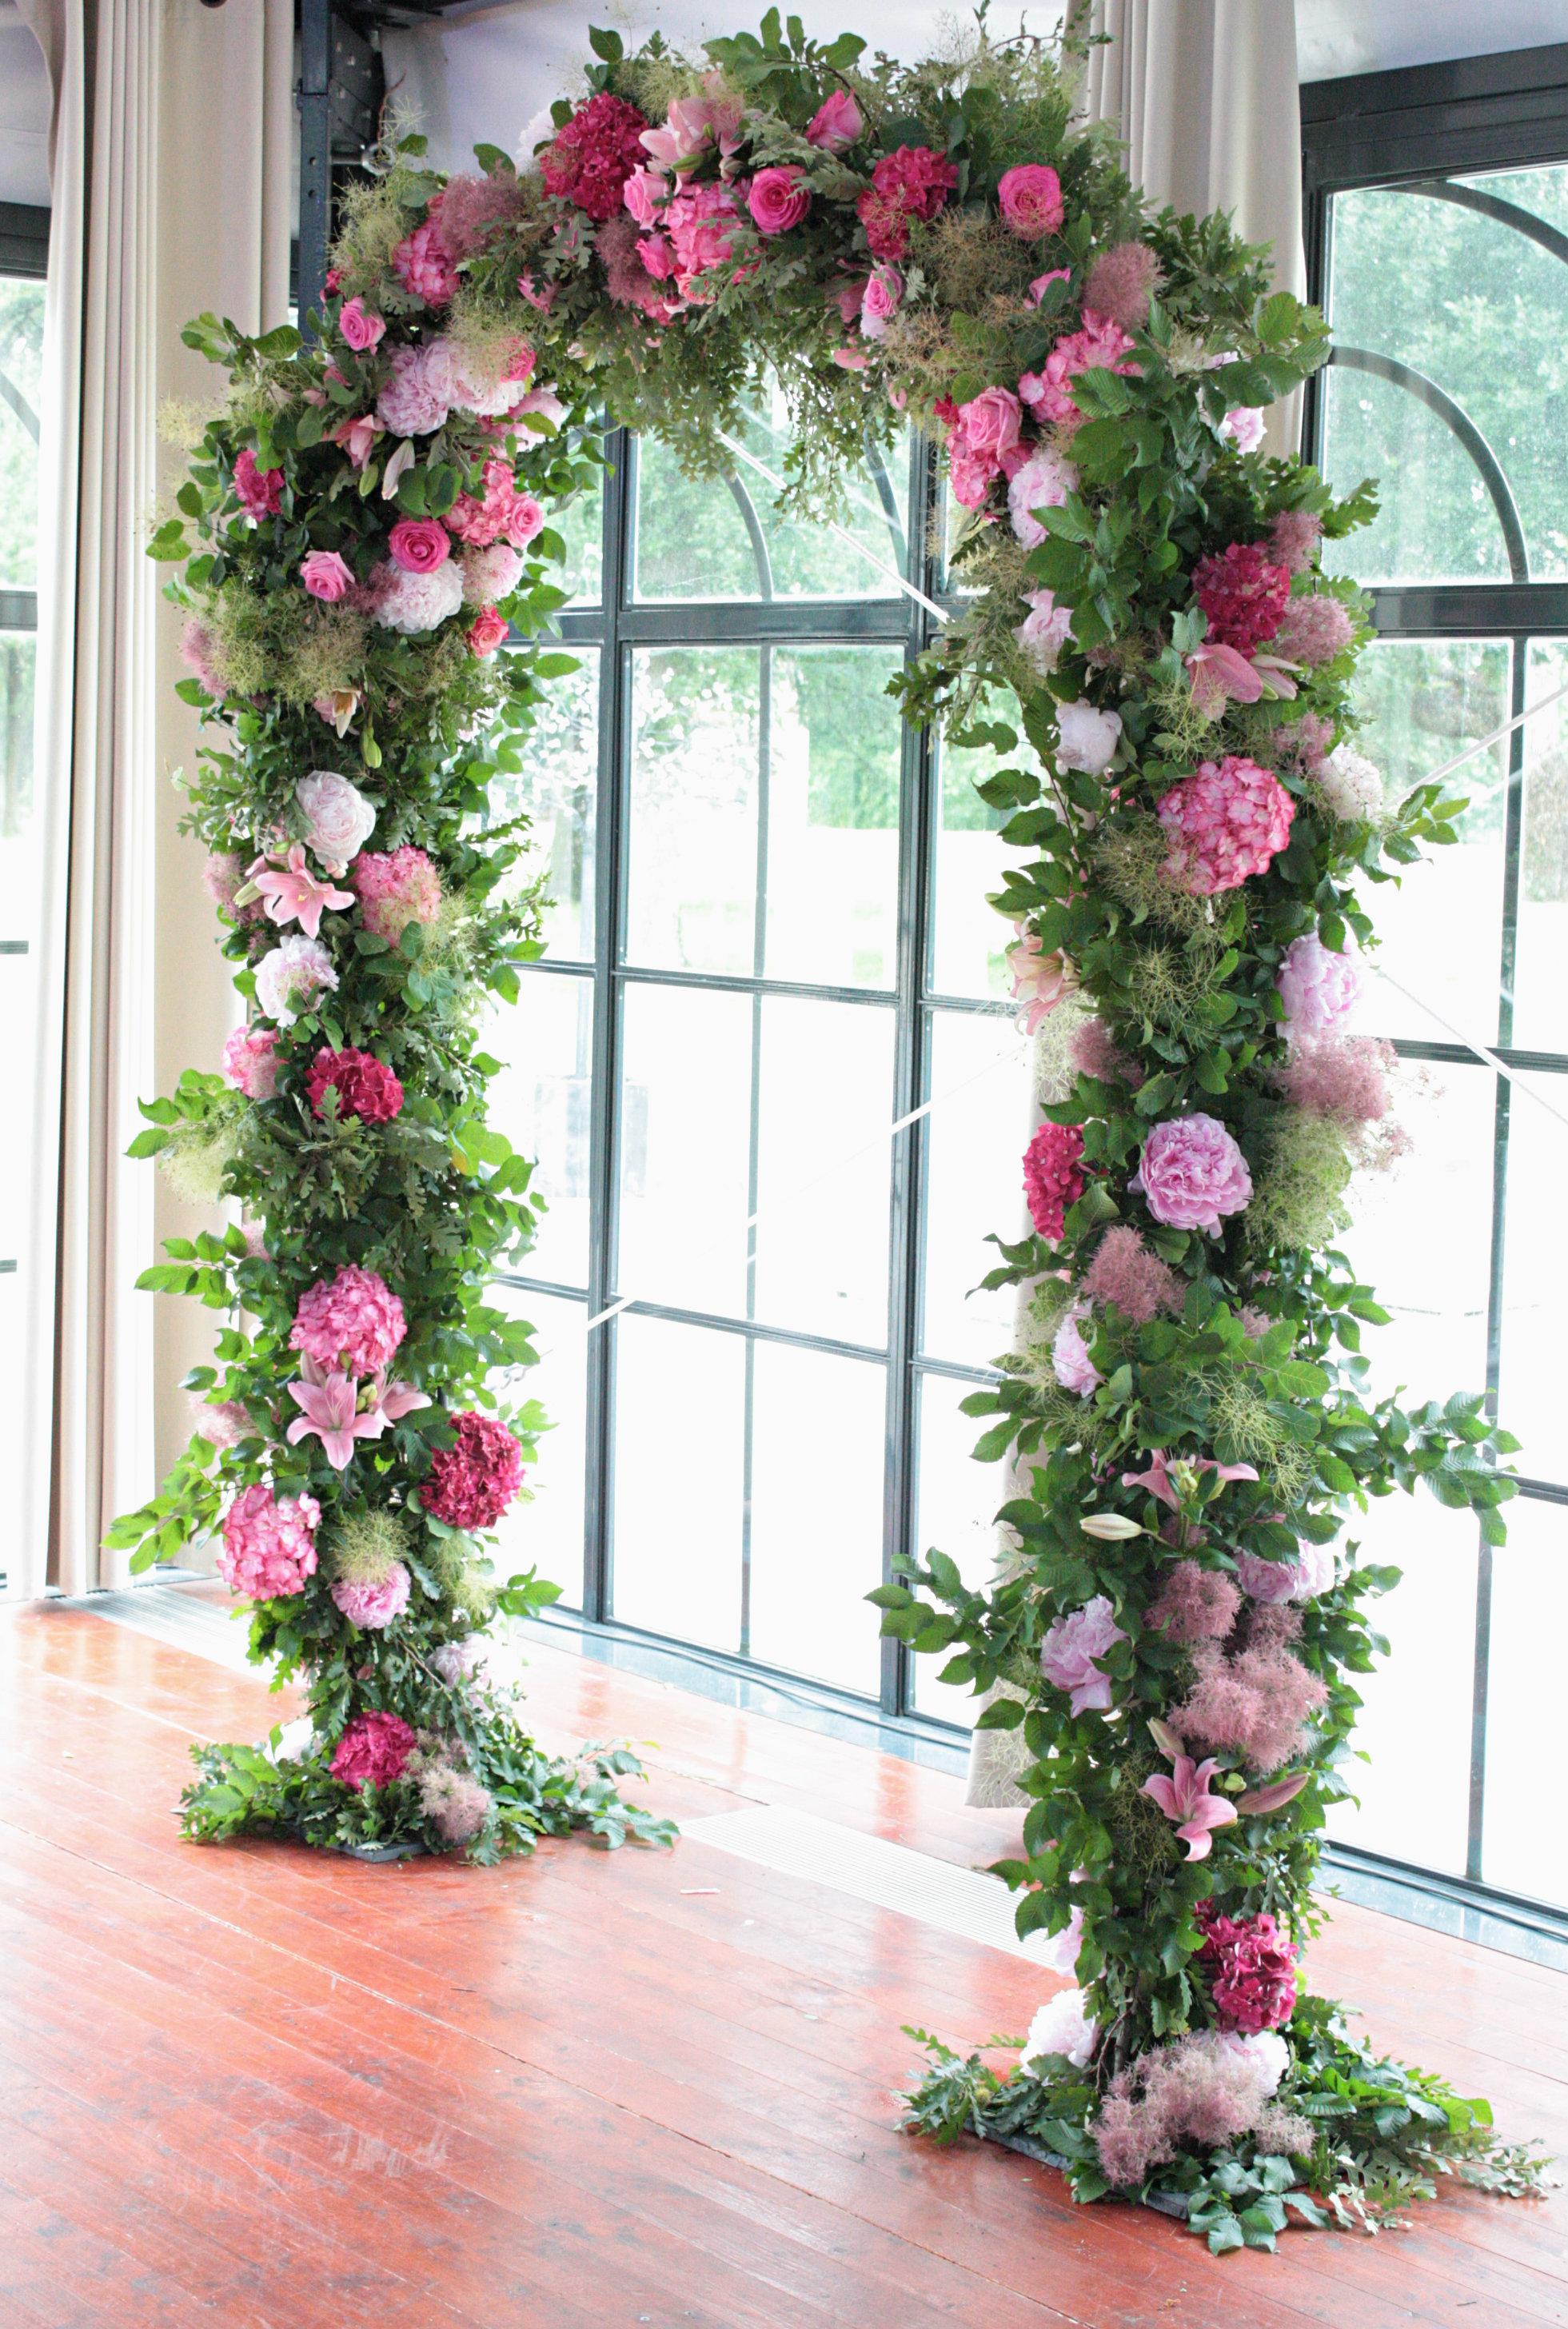 d coration mariage toulouse ev nementiel atelier fleuriste gali m. Black Bedroom Furniture Sets. Home Design Ideas